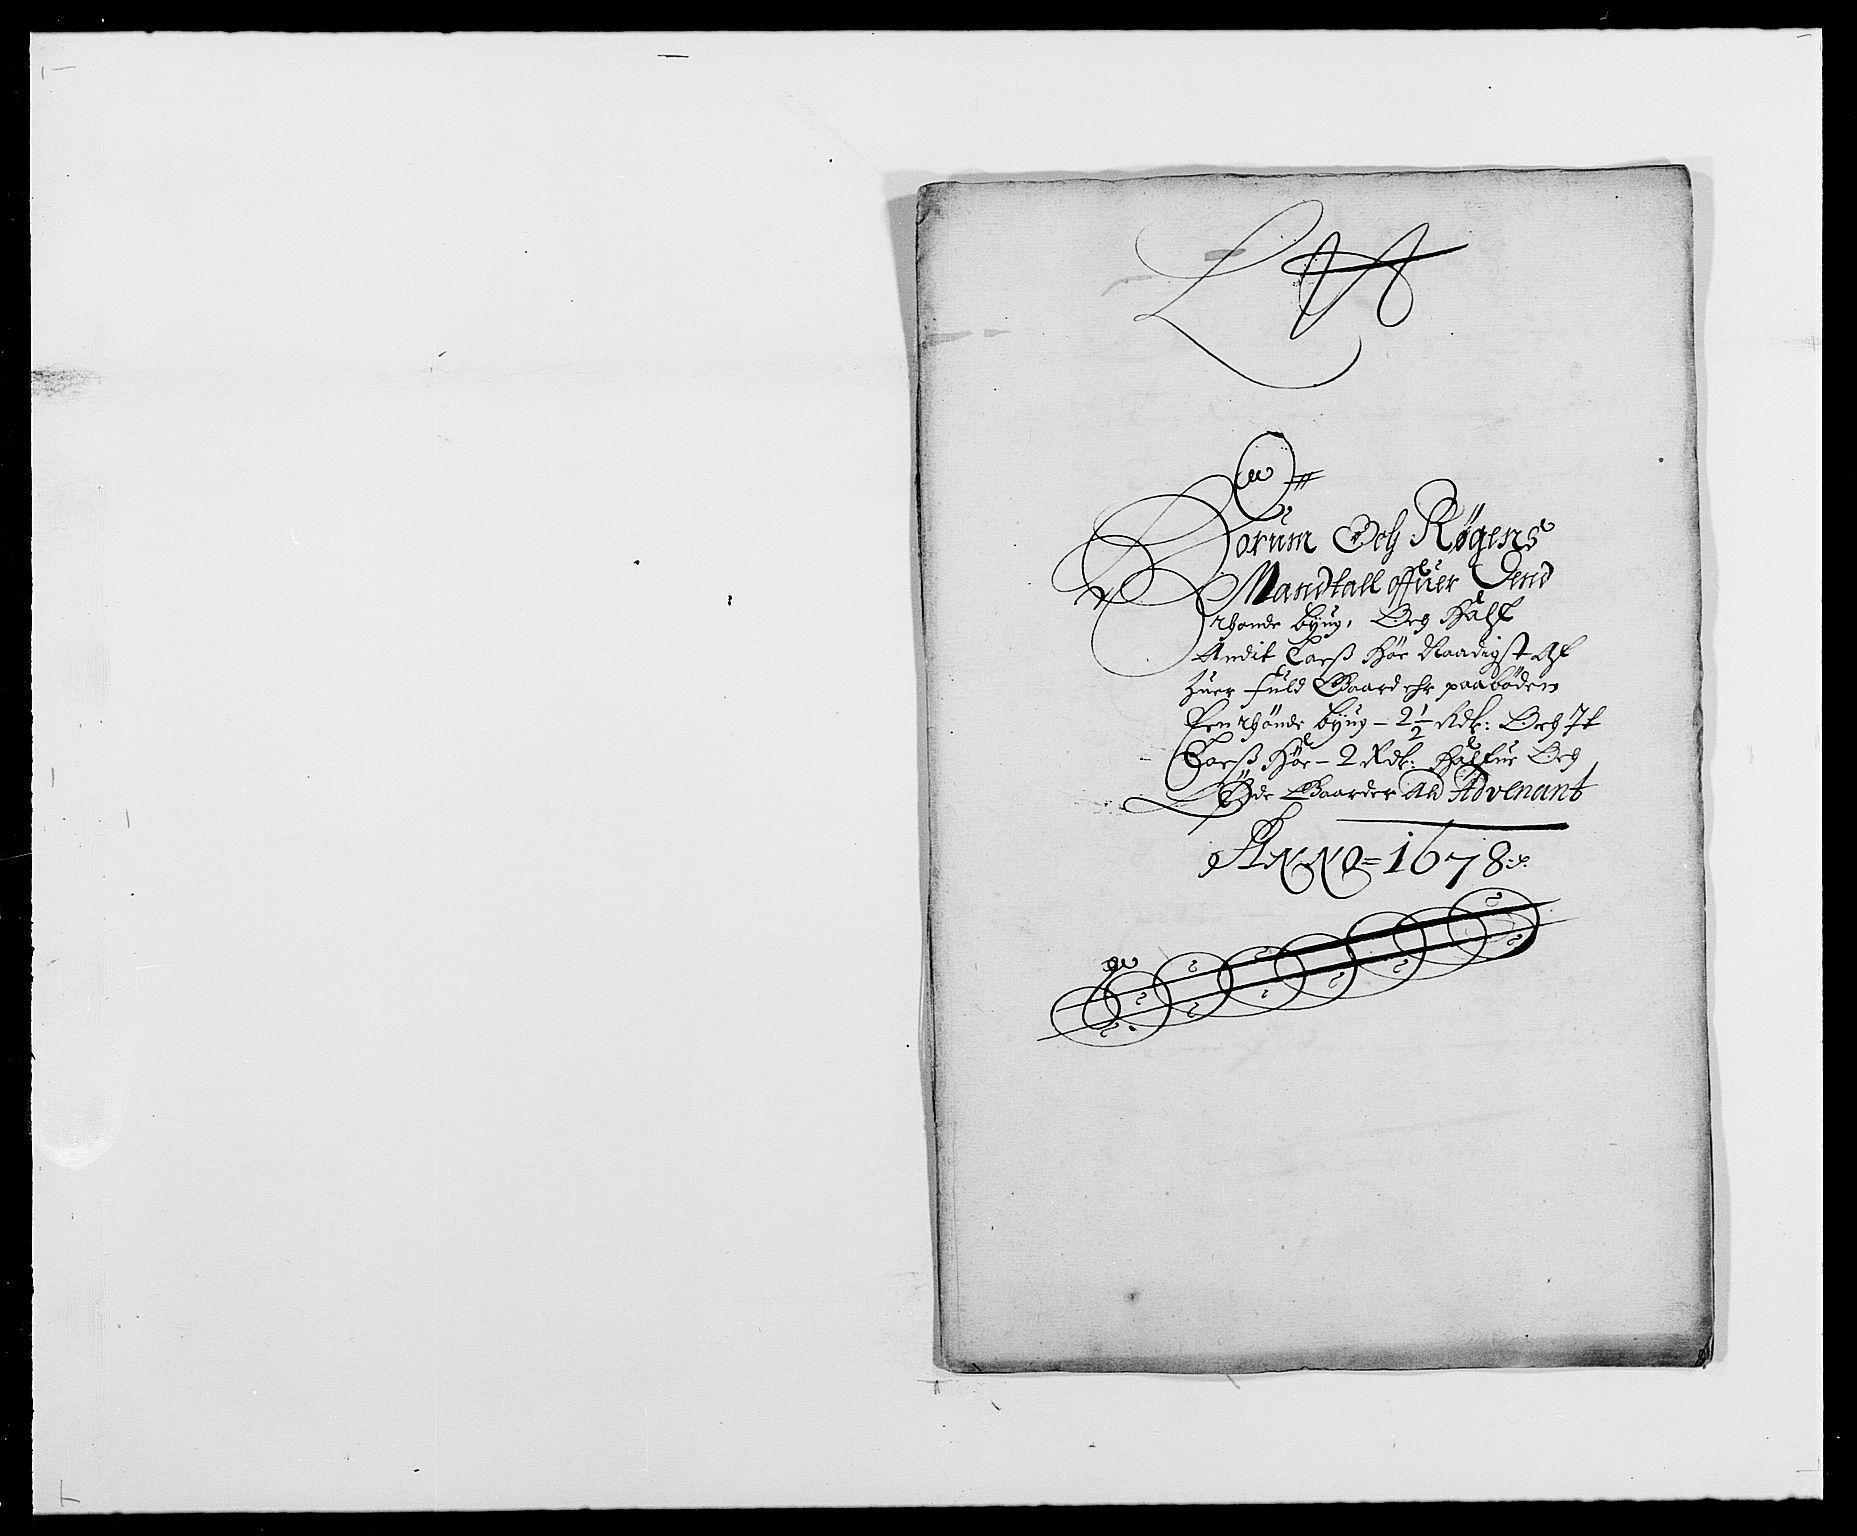 RA, Rentekammeret inntil 1814, Reviderte regnskaper, Fogderegnskap, R29/L1691: Fogderegnskap Hurum og Røyken, 1678-1681, s. 113